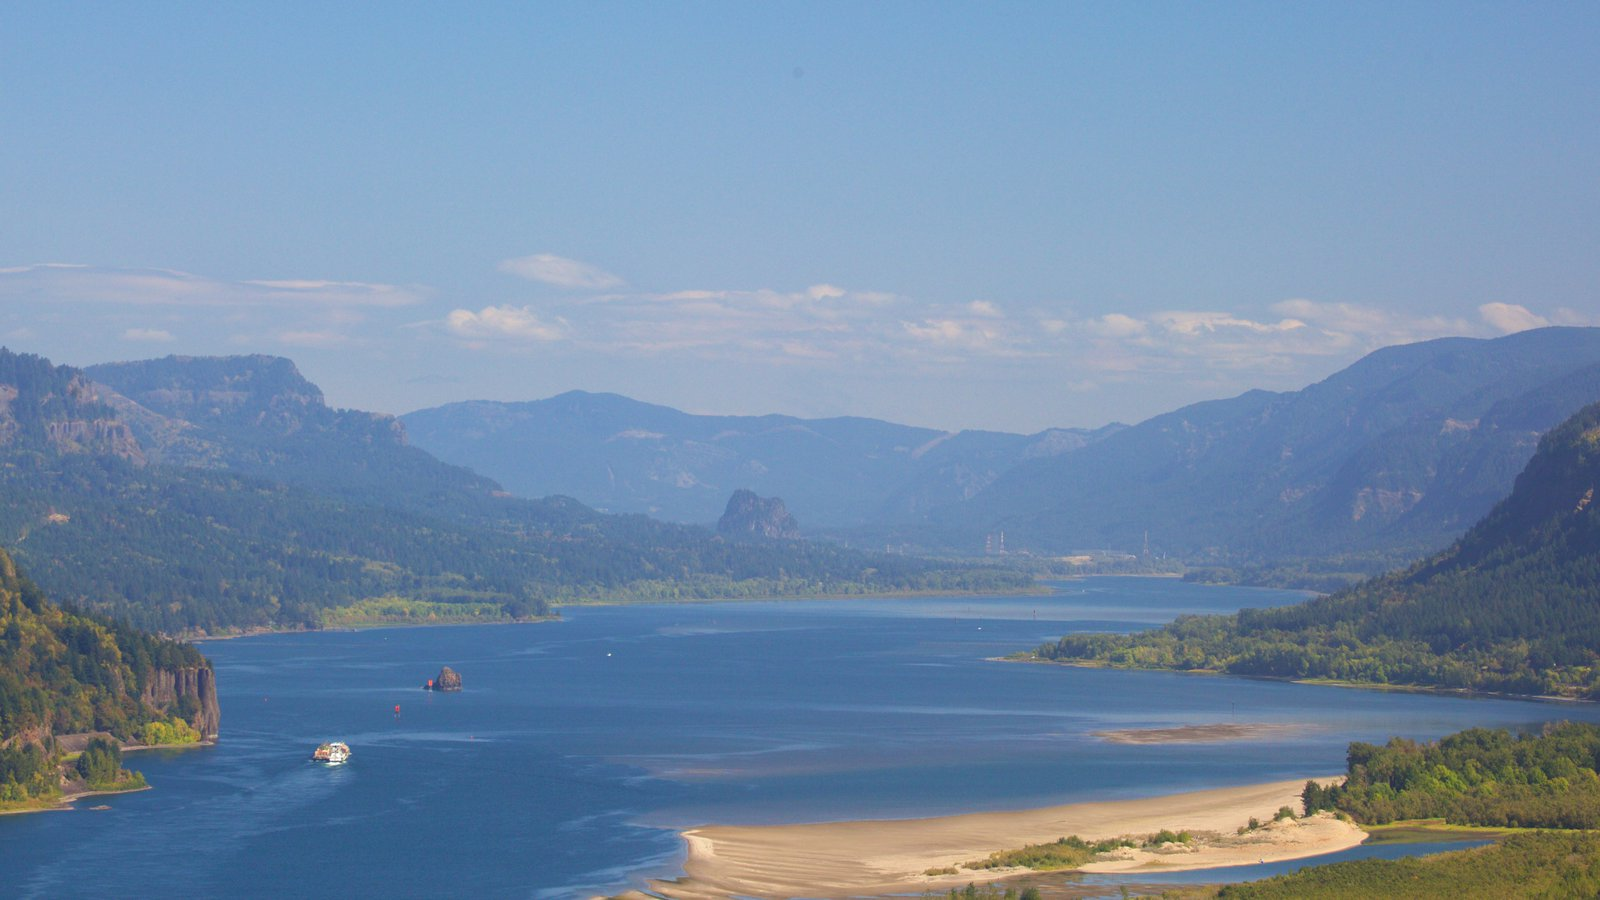 Mirador Chanticleer Point mostrando un río o arroyo, vistas de paisajes y montañas